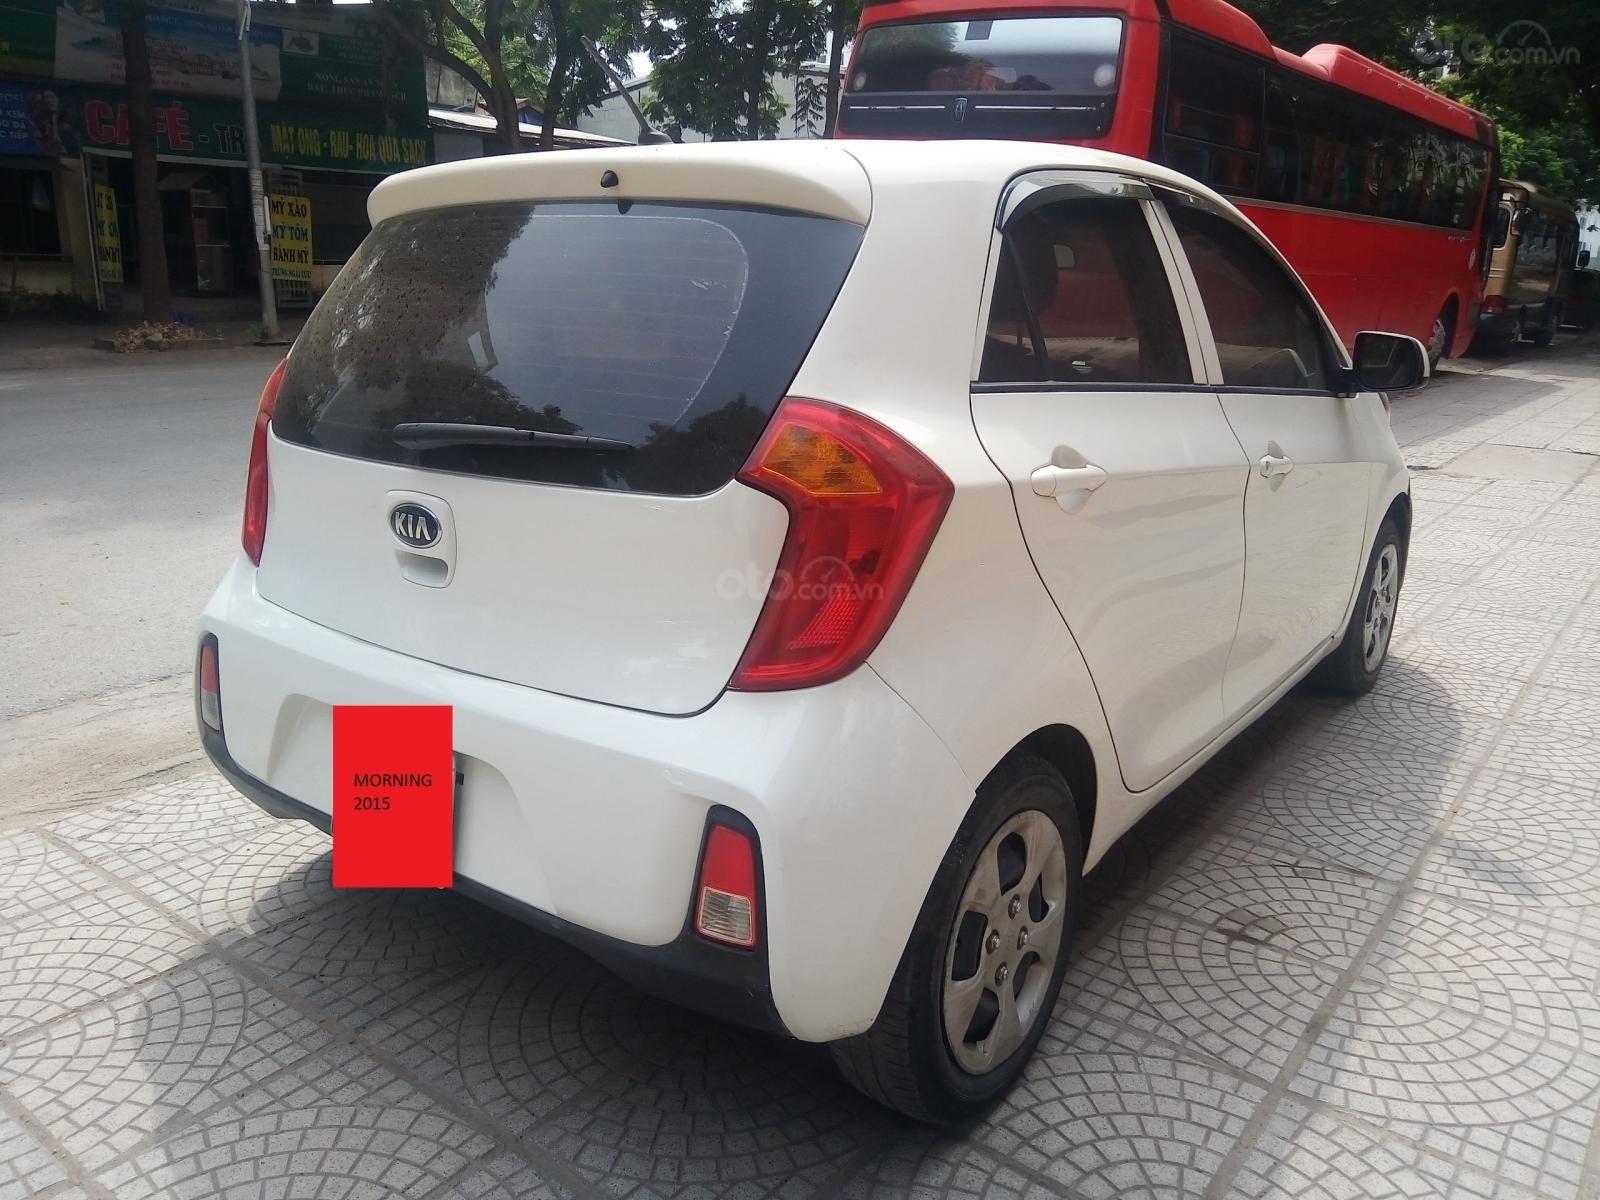 Cần bán Kia Morning năm sản xuất 2015, màu trắng, nhập khẩu nguyên chiếc-2